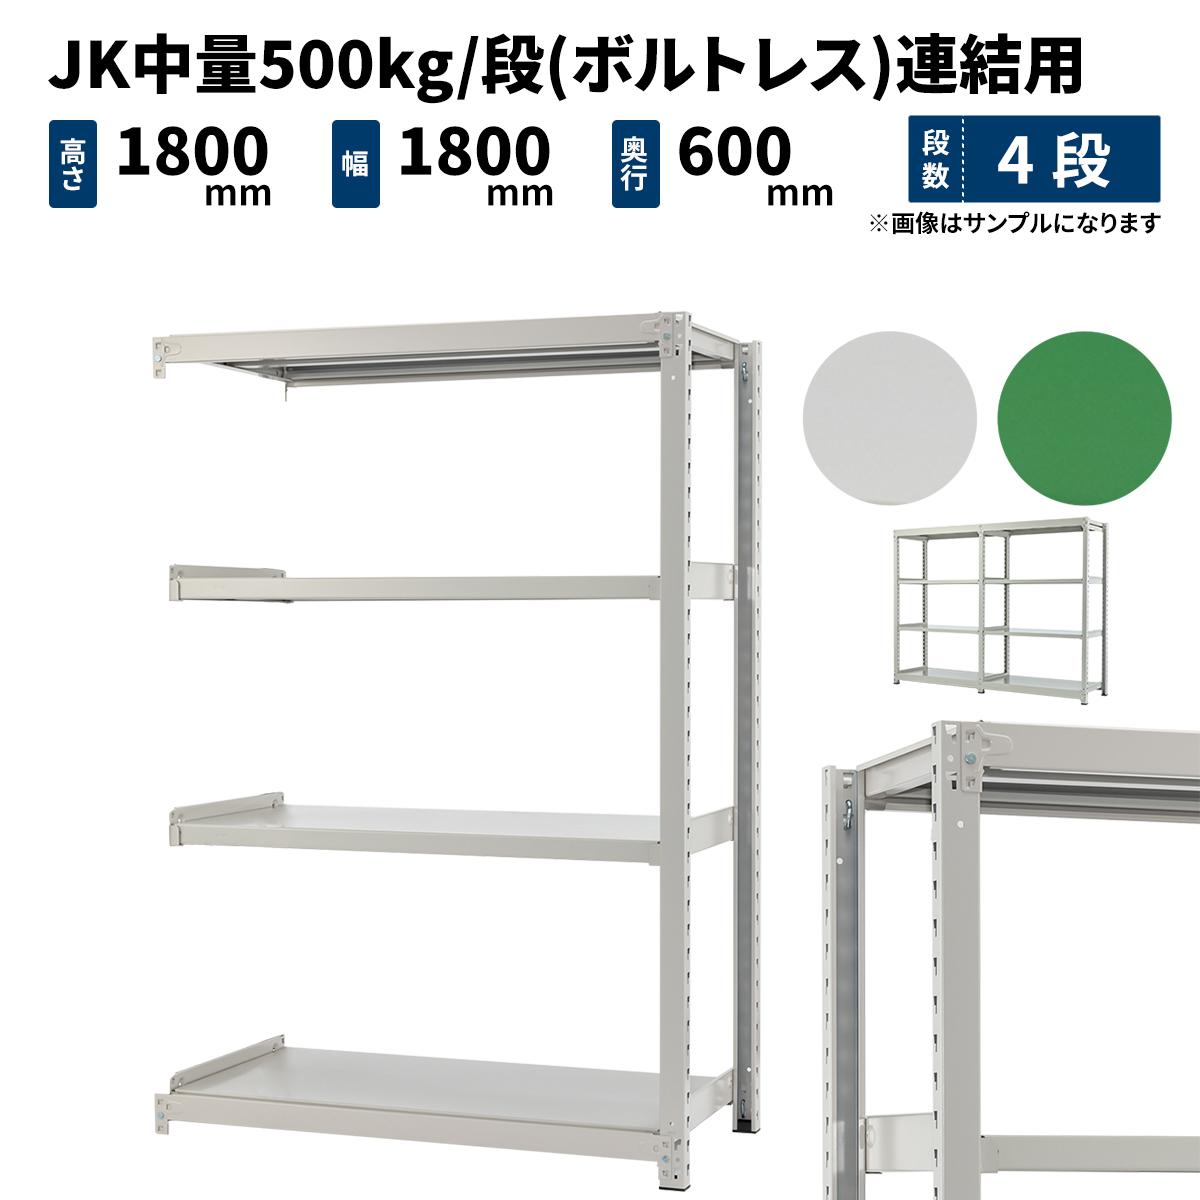 スチールラック 業務用 JK中量500kg/段(ボルトレス) 連結形式 高さ1800×幅1800×奥行600mm 4段 ホワイトグレー/グリーン (87kg) JK500_R-181806-4